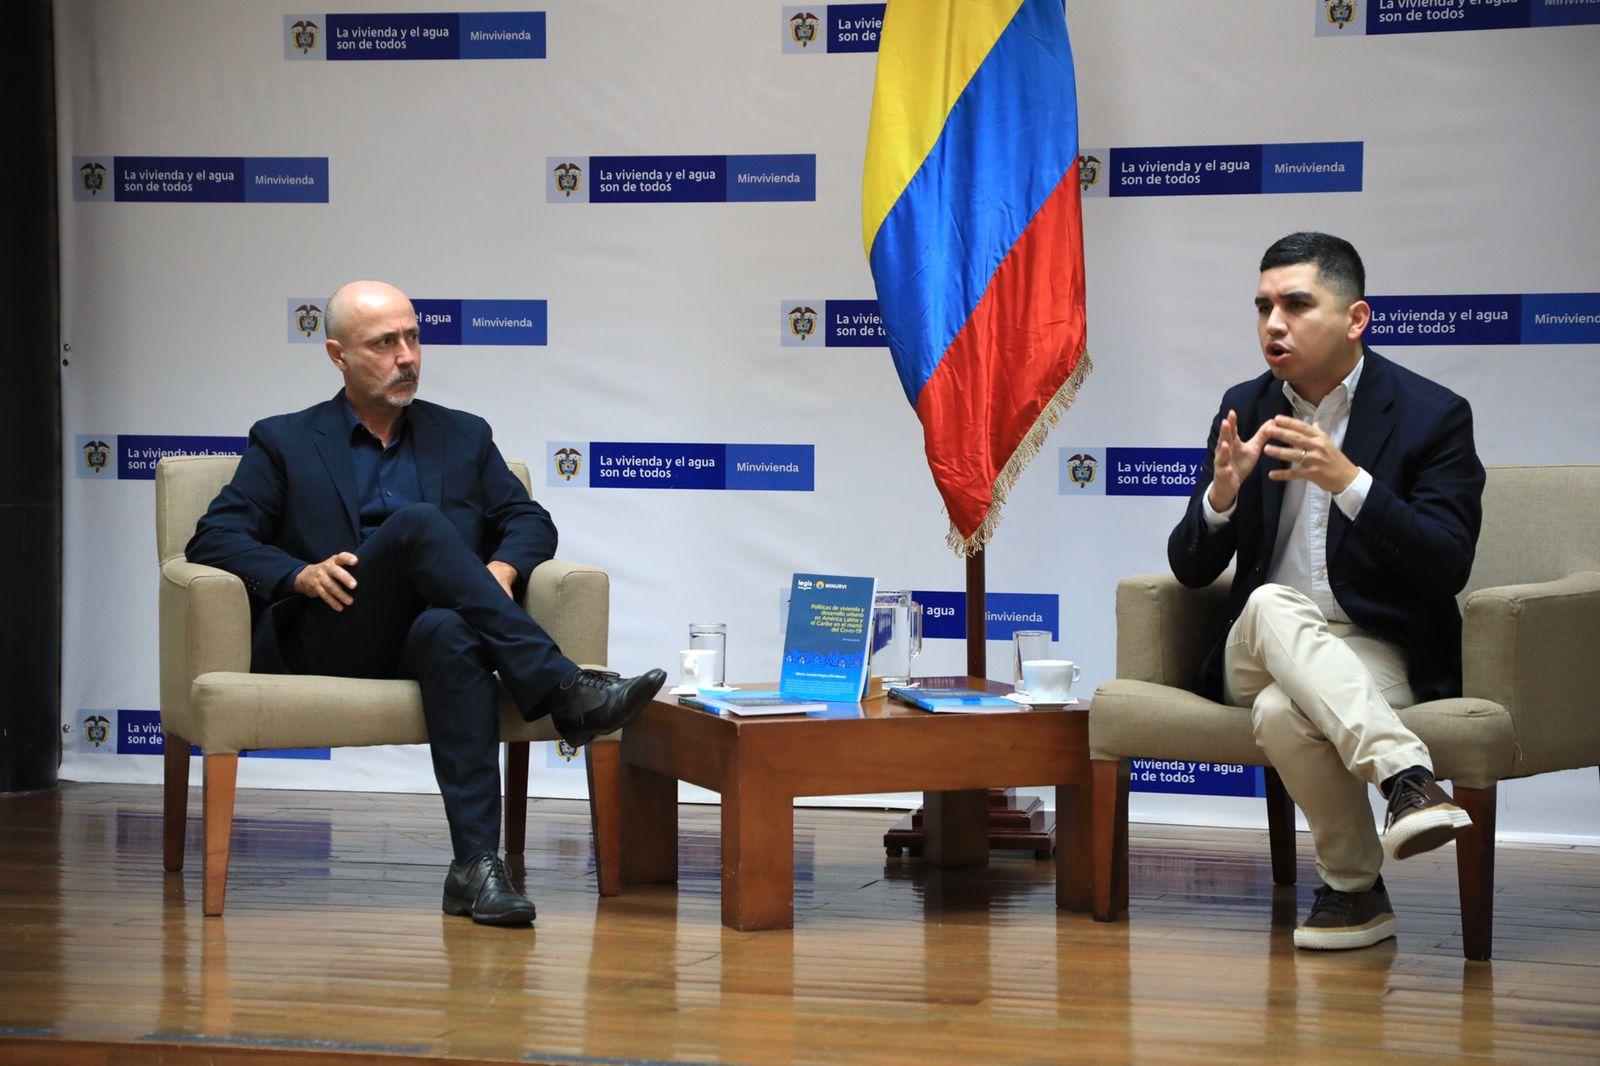 """hoyennoticia.com, """"Colombia vendió más de 2.000 viviendas por millón de  habitantes en el primer semestre del año"""""""